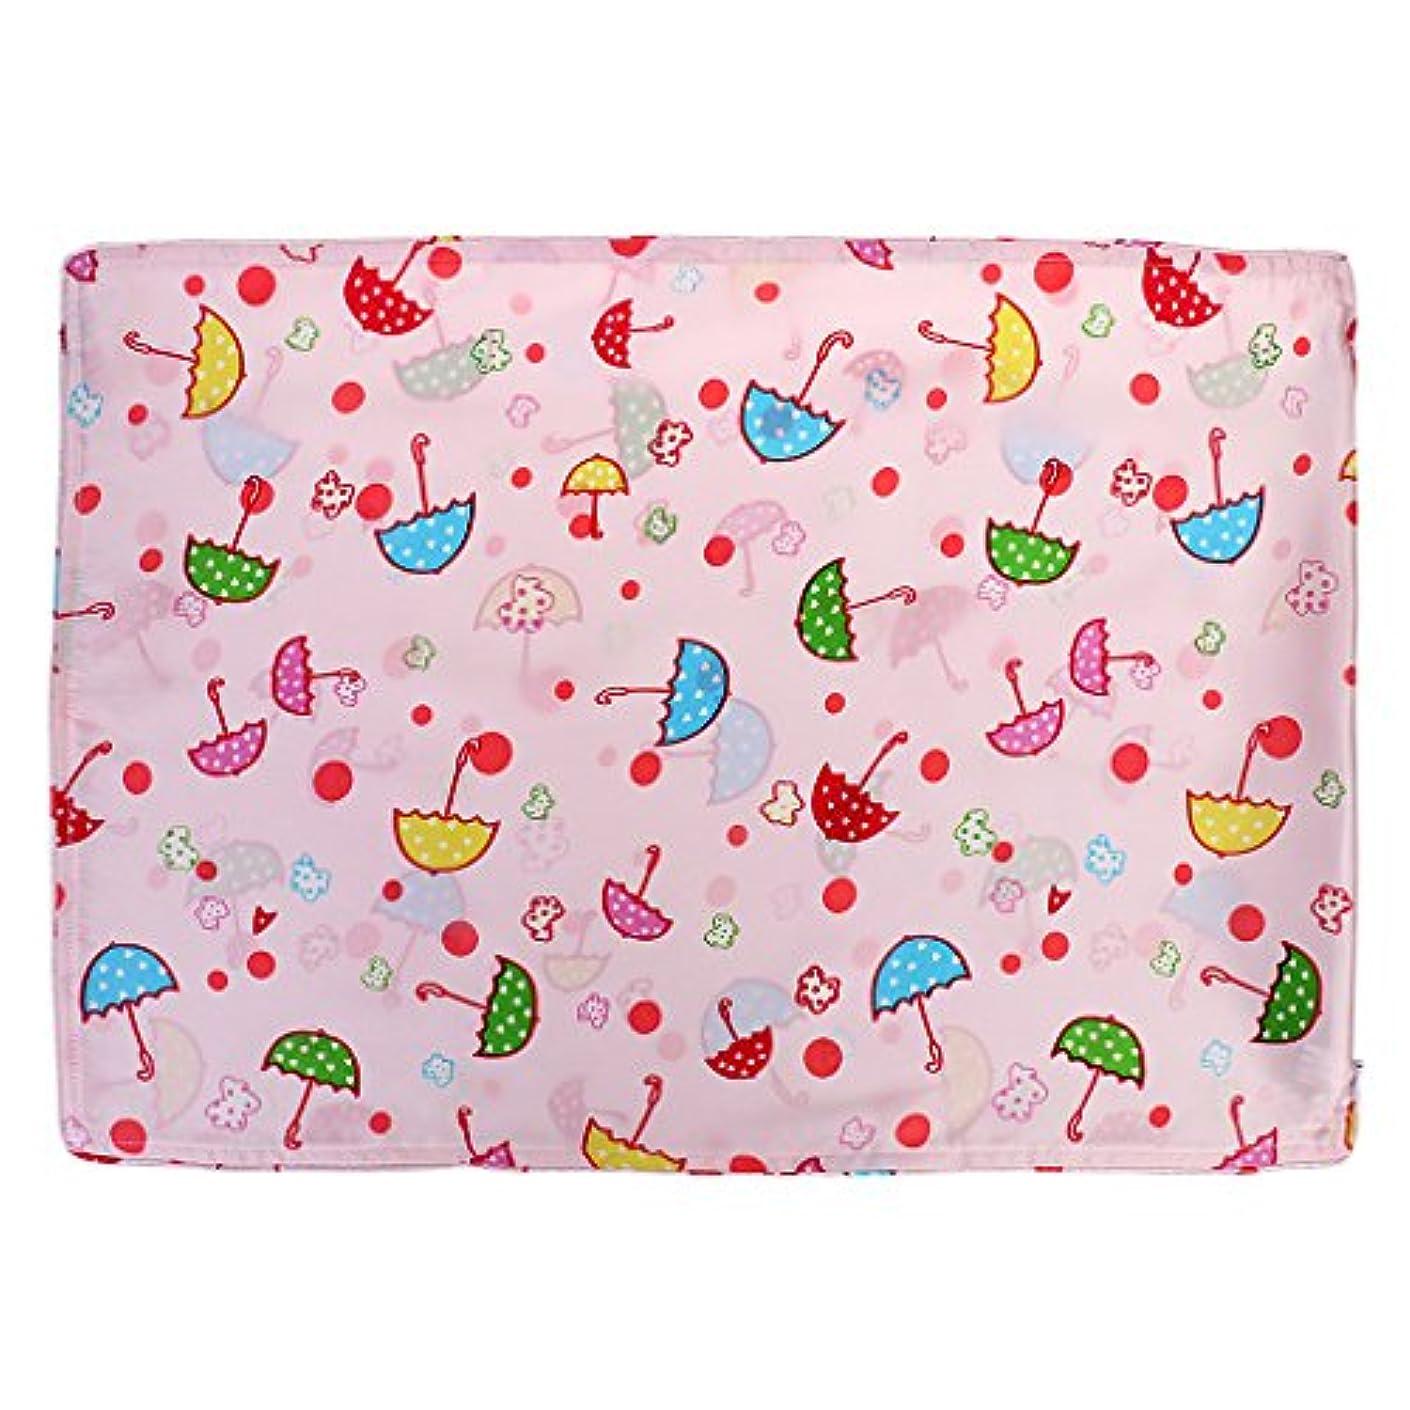 特権的インタビュー密かわいいベビーキッズ100%シルクサテン両面枕カバー30 * 55センチメートル傘ピンク